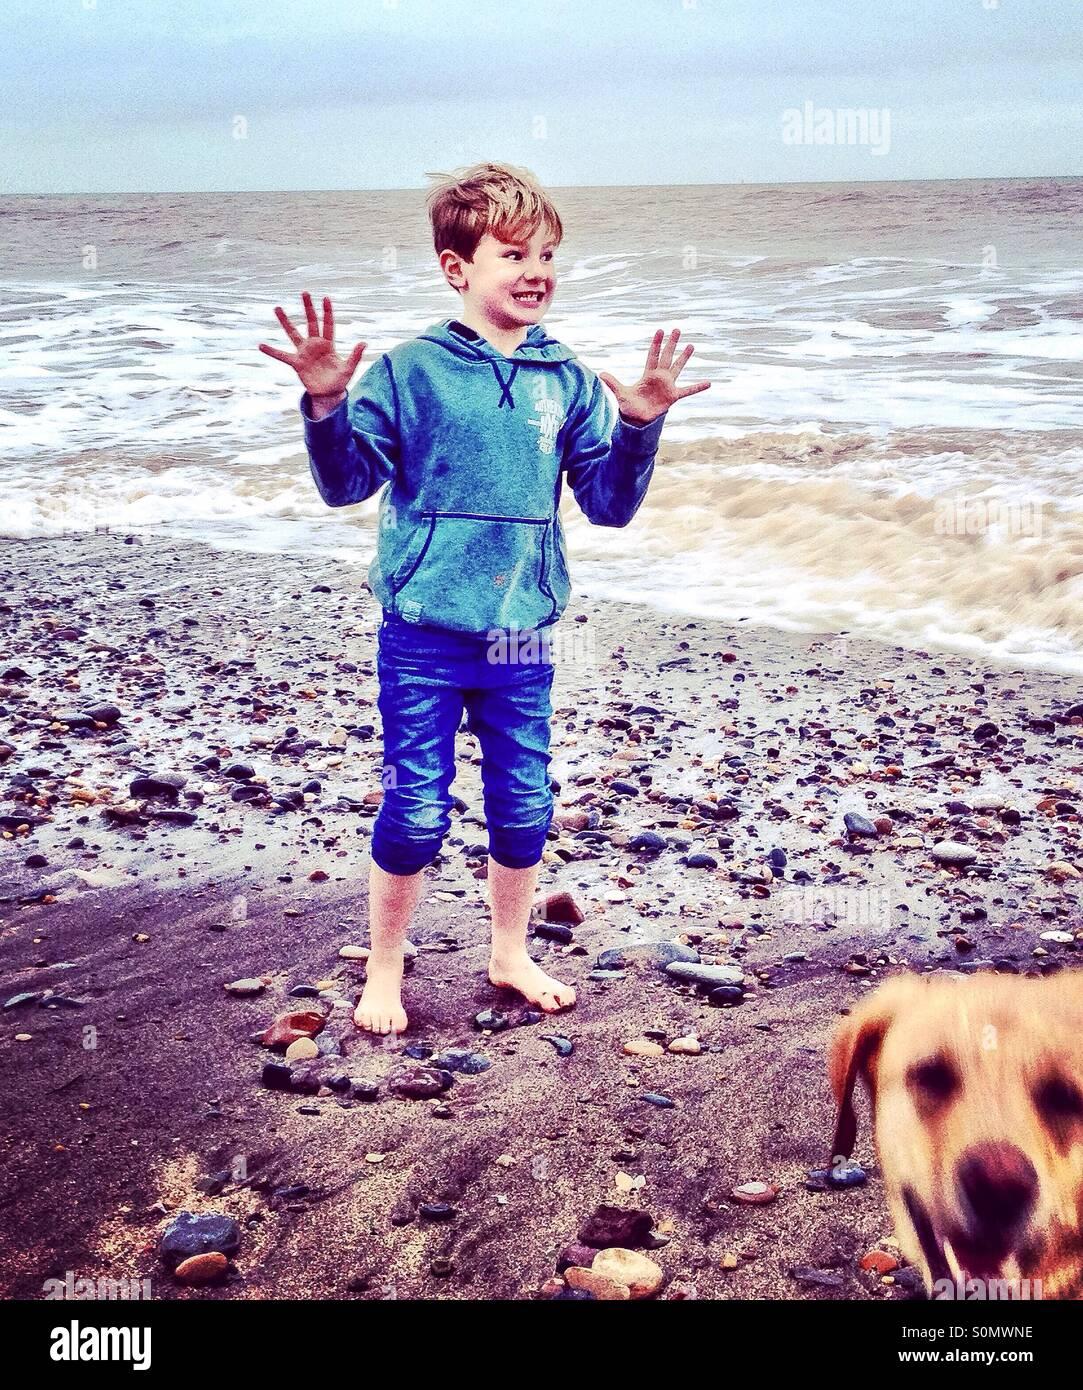 Junge auf einem Strand wird Photobombed von Hund. Stockbild